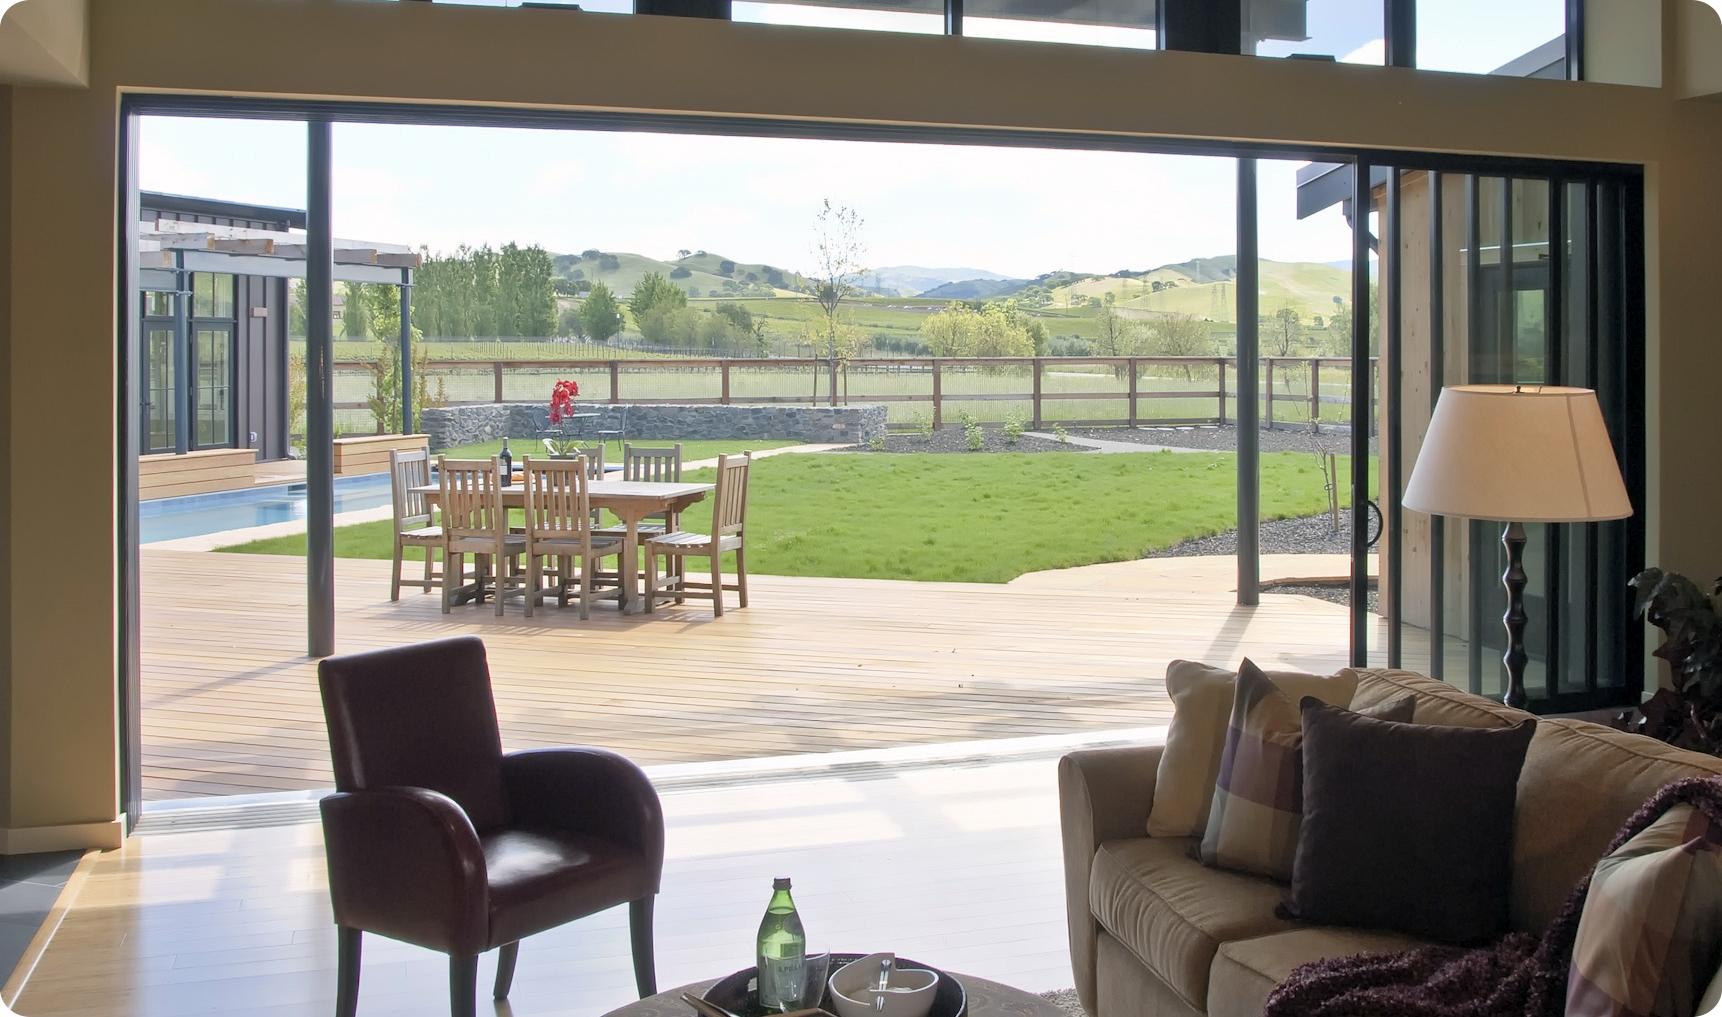 Oversized Sliding Glass Doorsdoor oversized sliding glass doors theflowerlab interior design